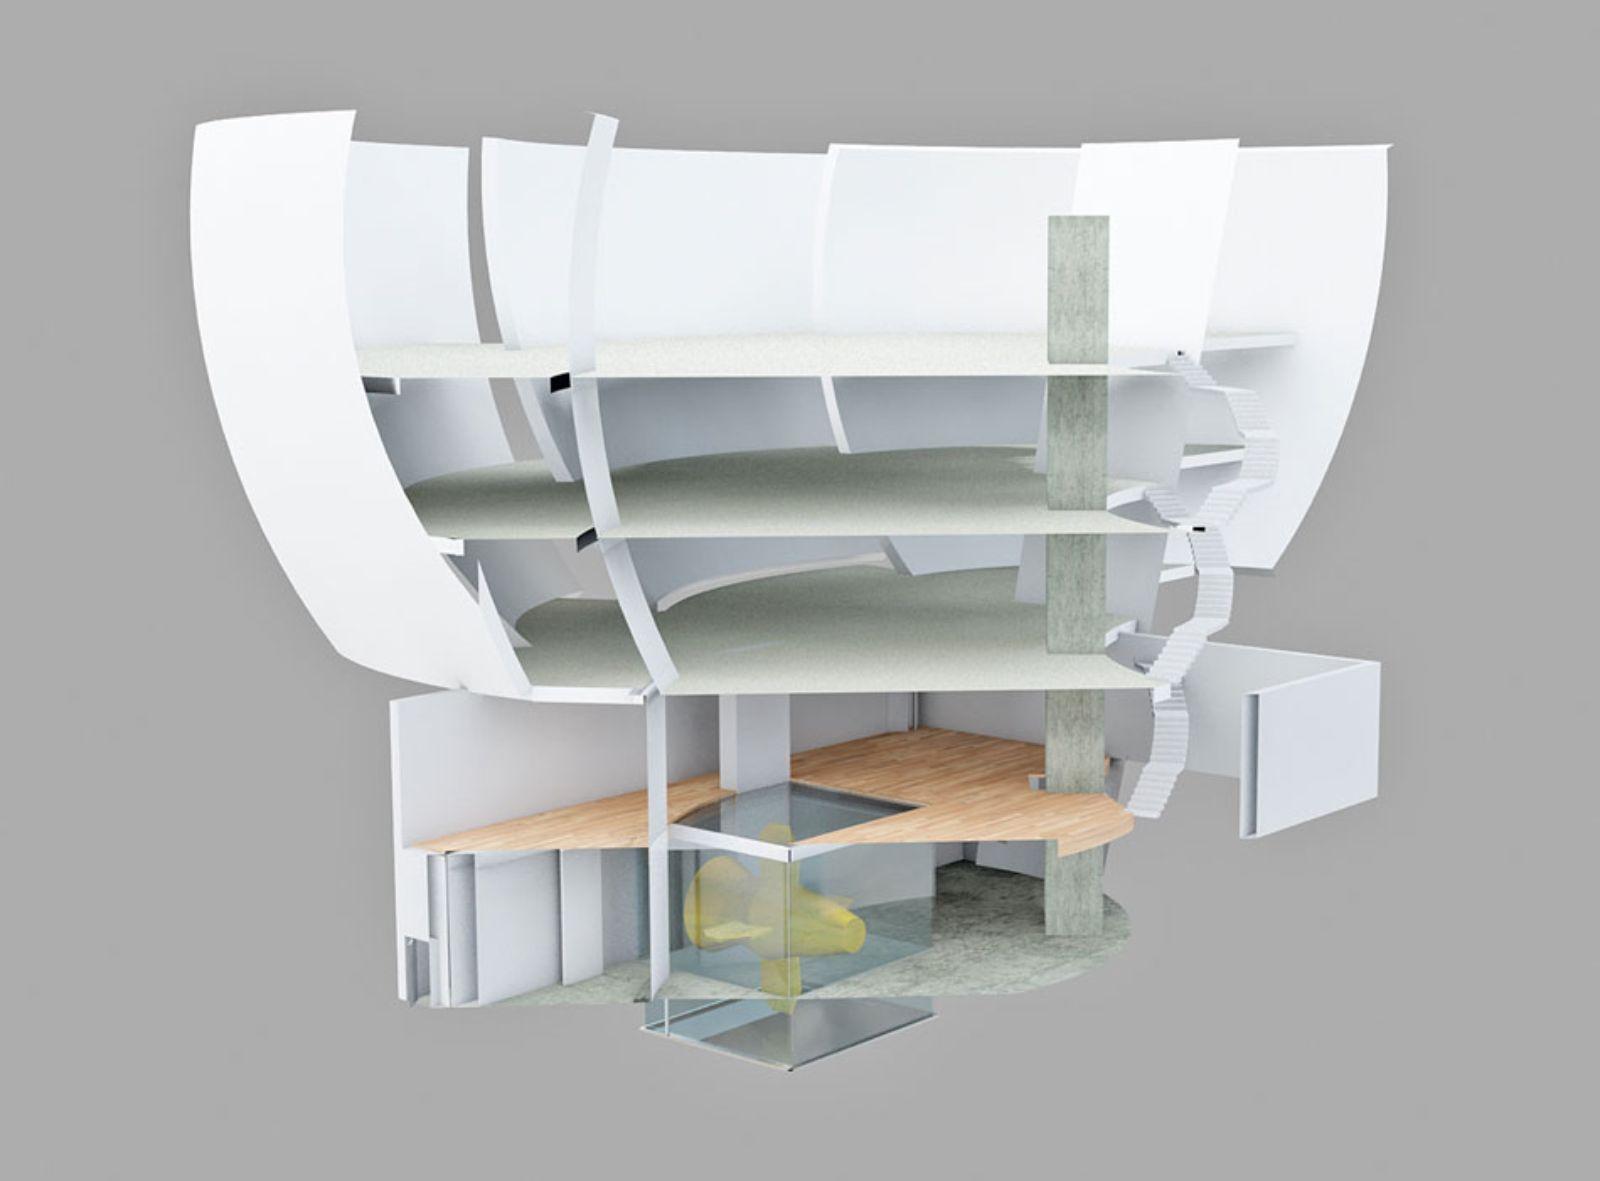 08-Tip-de-los-Iceberg-por-Juice-Arquitectos